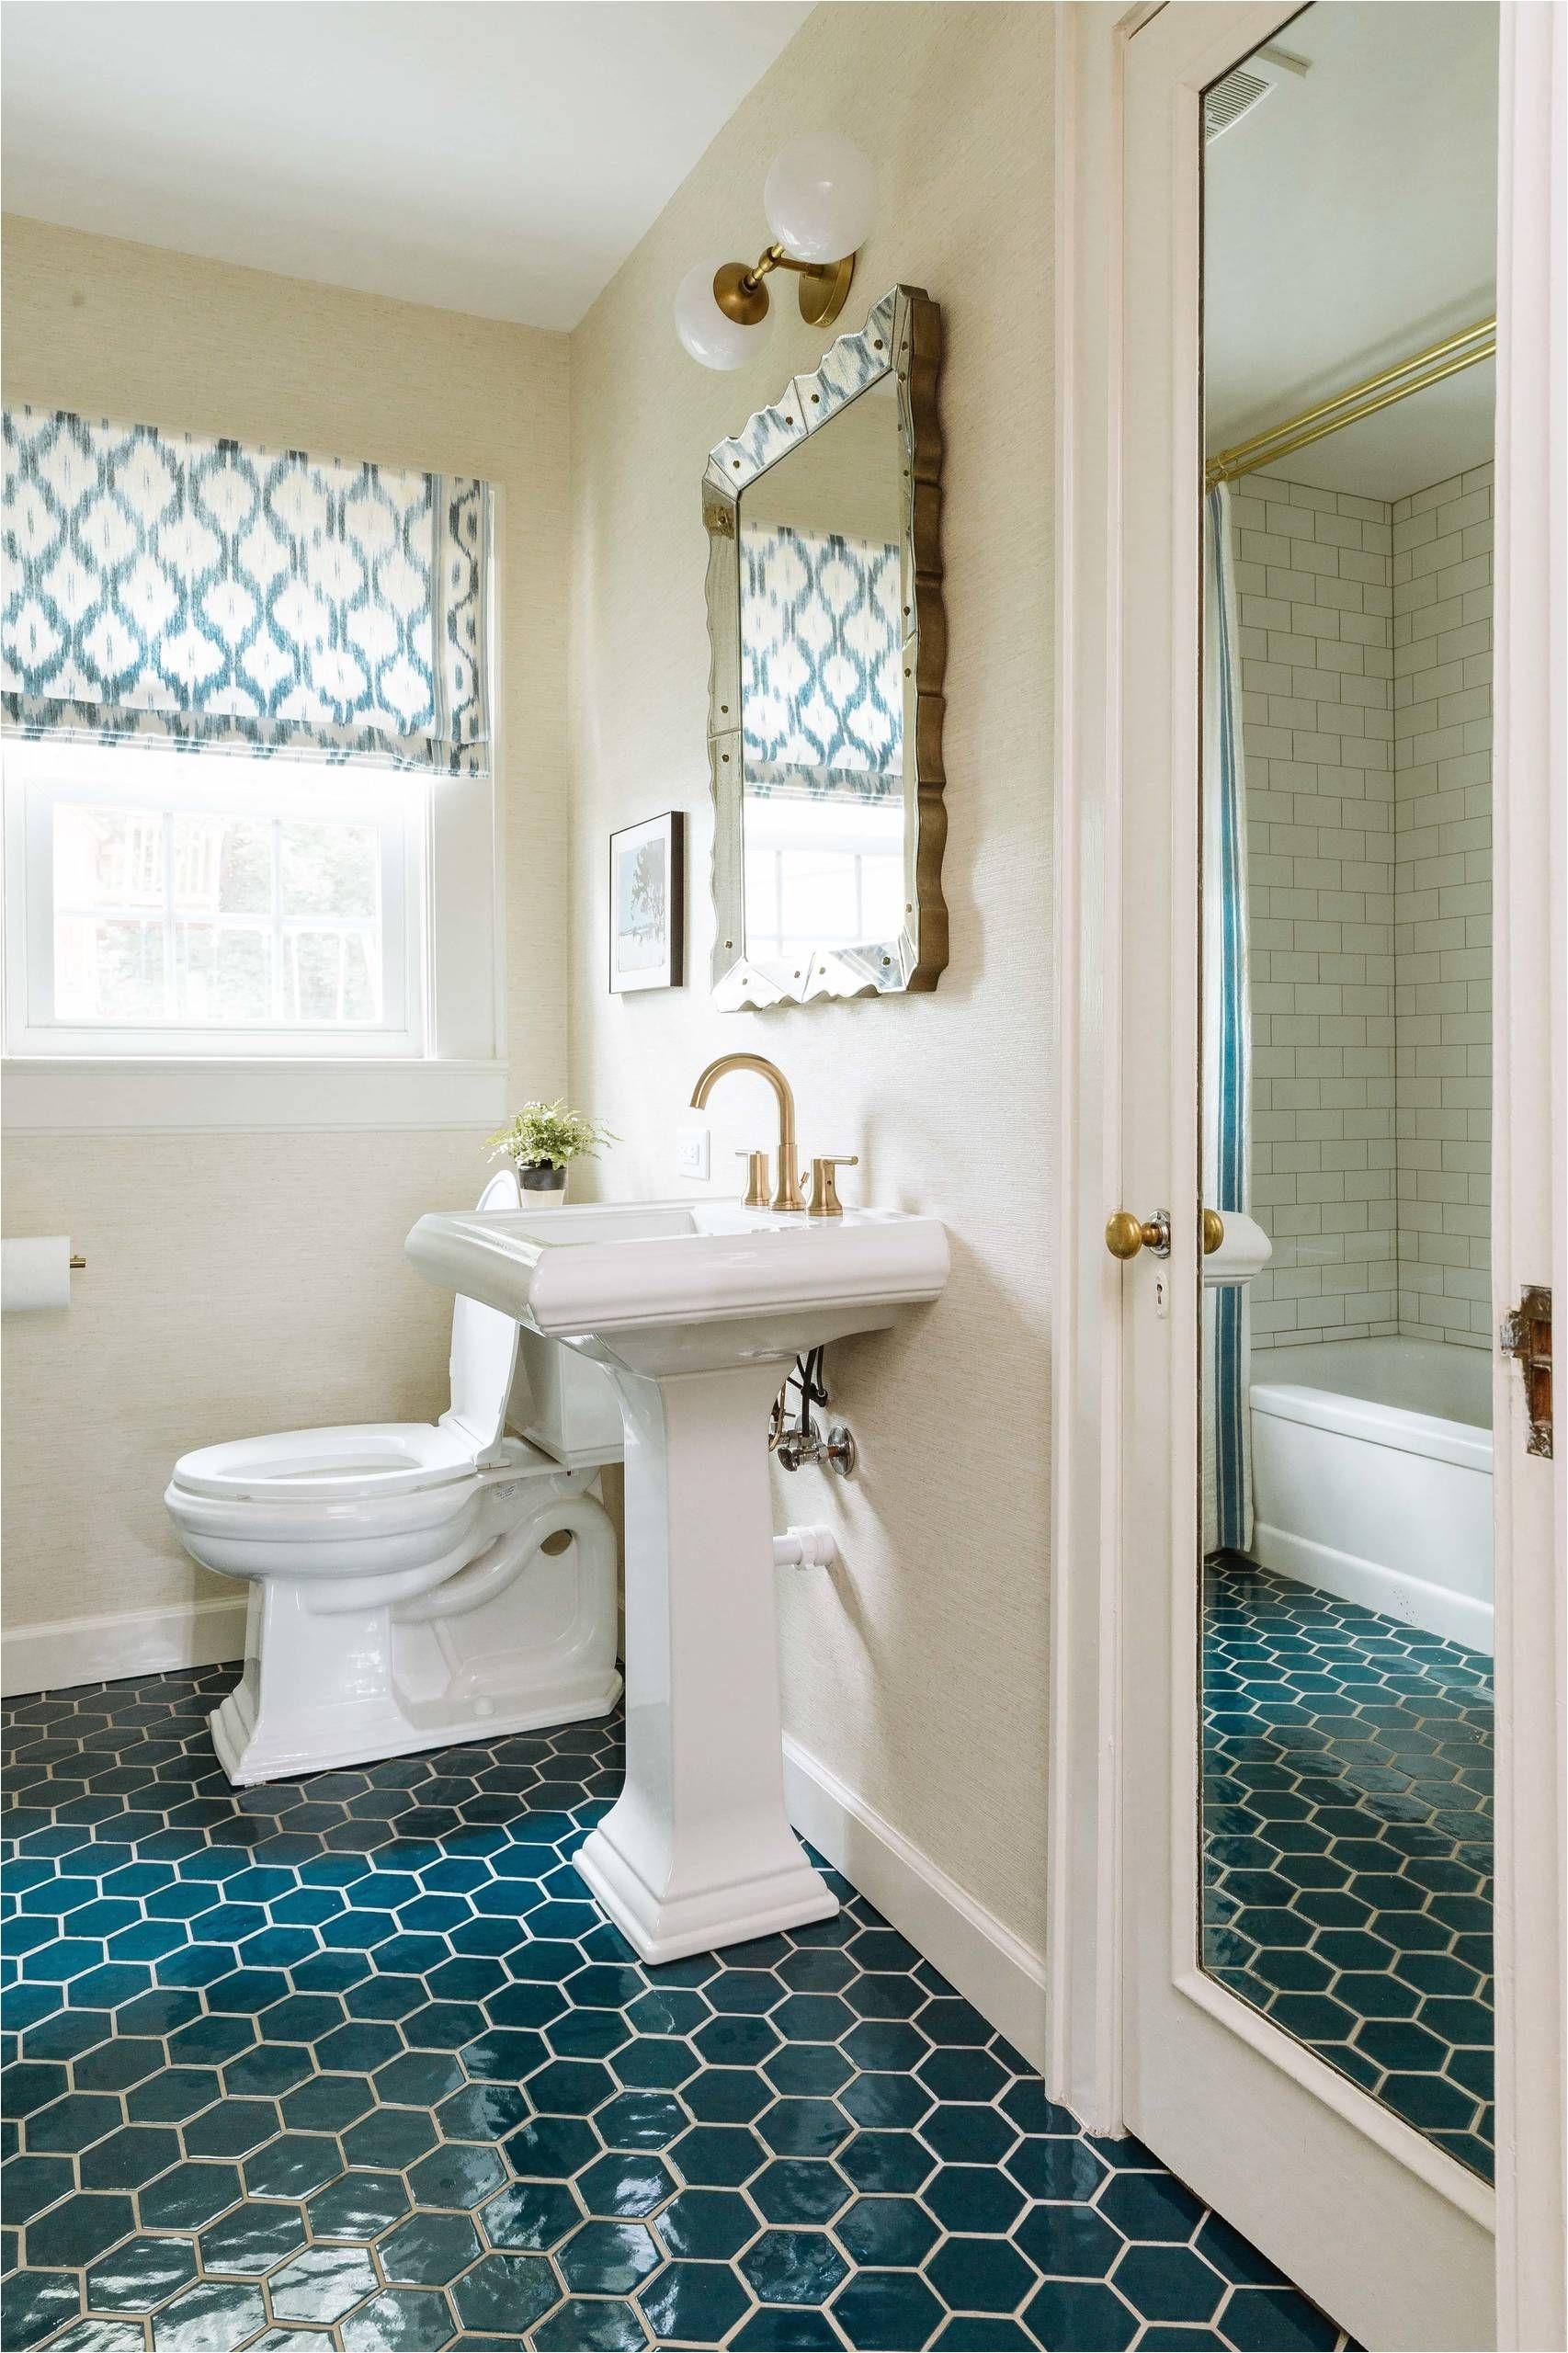 42 Chic Design Ideas to Rejuvenate Your Master Bathroom chic design ideas to rejuvenate your master bathroom